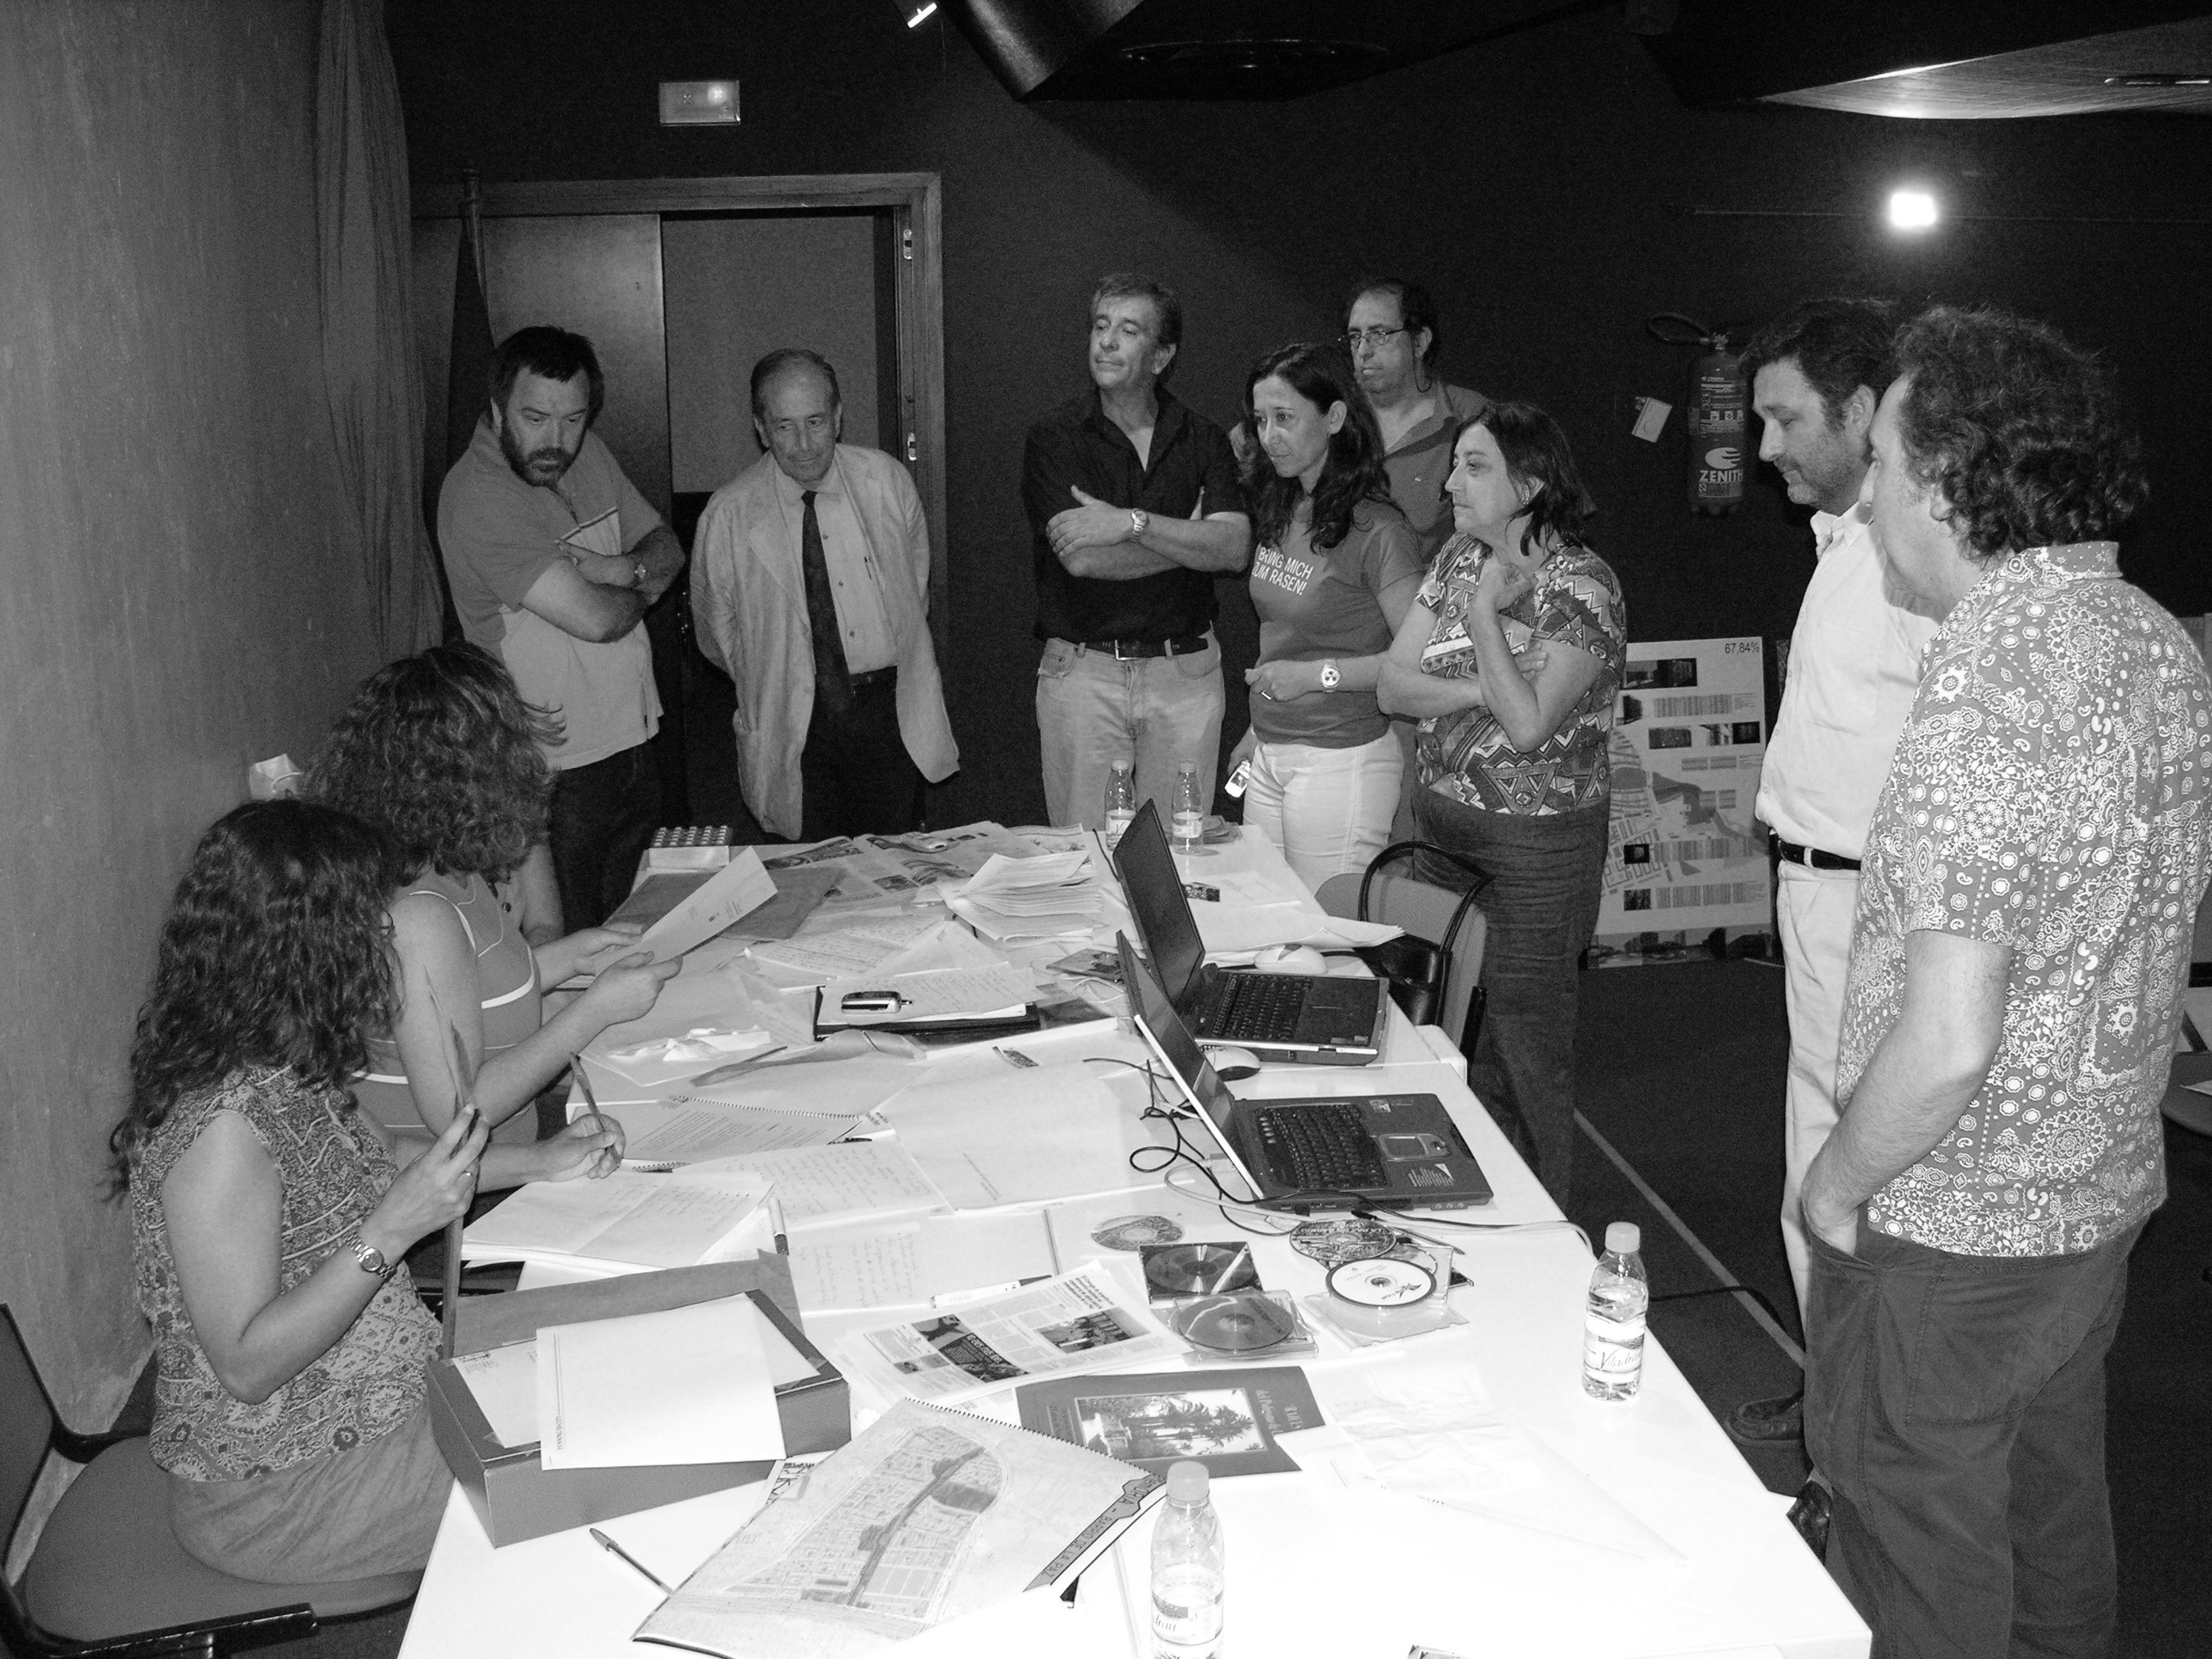 CONCURSO POLIGONO LA PAZ. JUNIO 2006 238